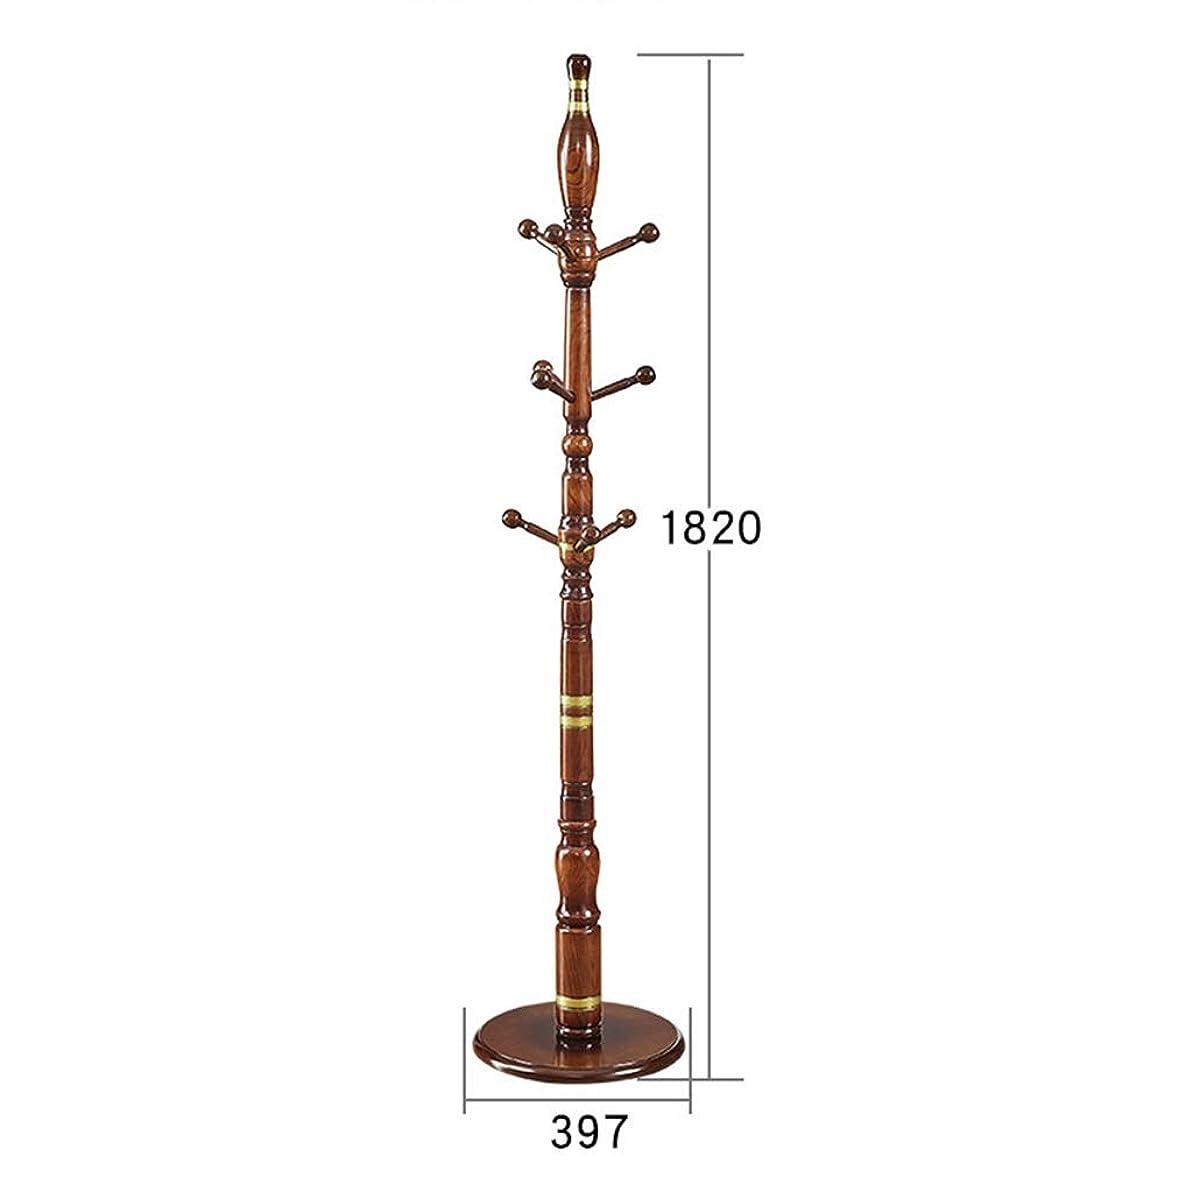 建築プログレッシブかき混ぜるハンガー, シンプルなレトロディストレストコートラックに着陸する無垢材の大胆なアセンブリ TINGTING-ハンガーラック (Color : Honey, Size : 39.7*182cm)